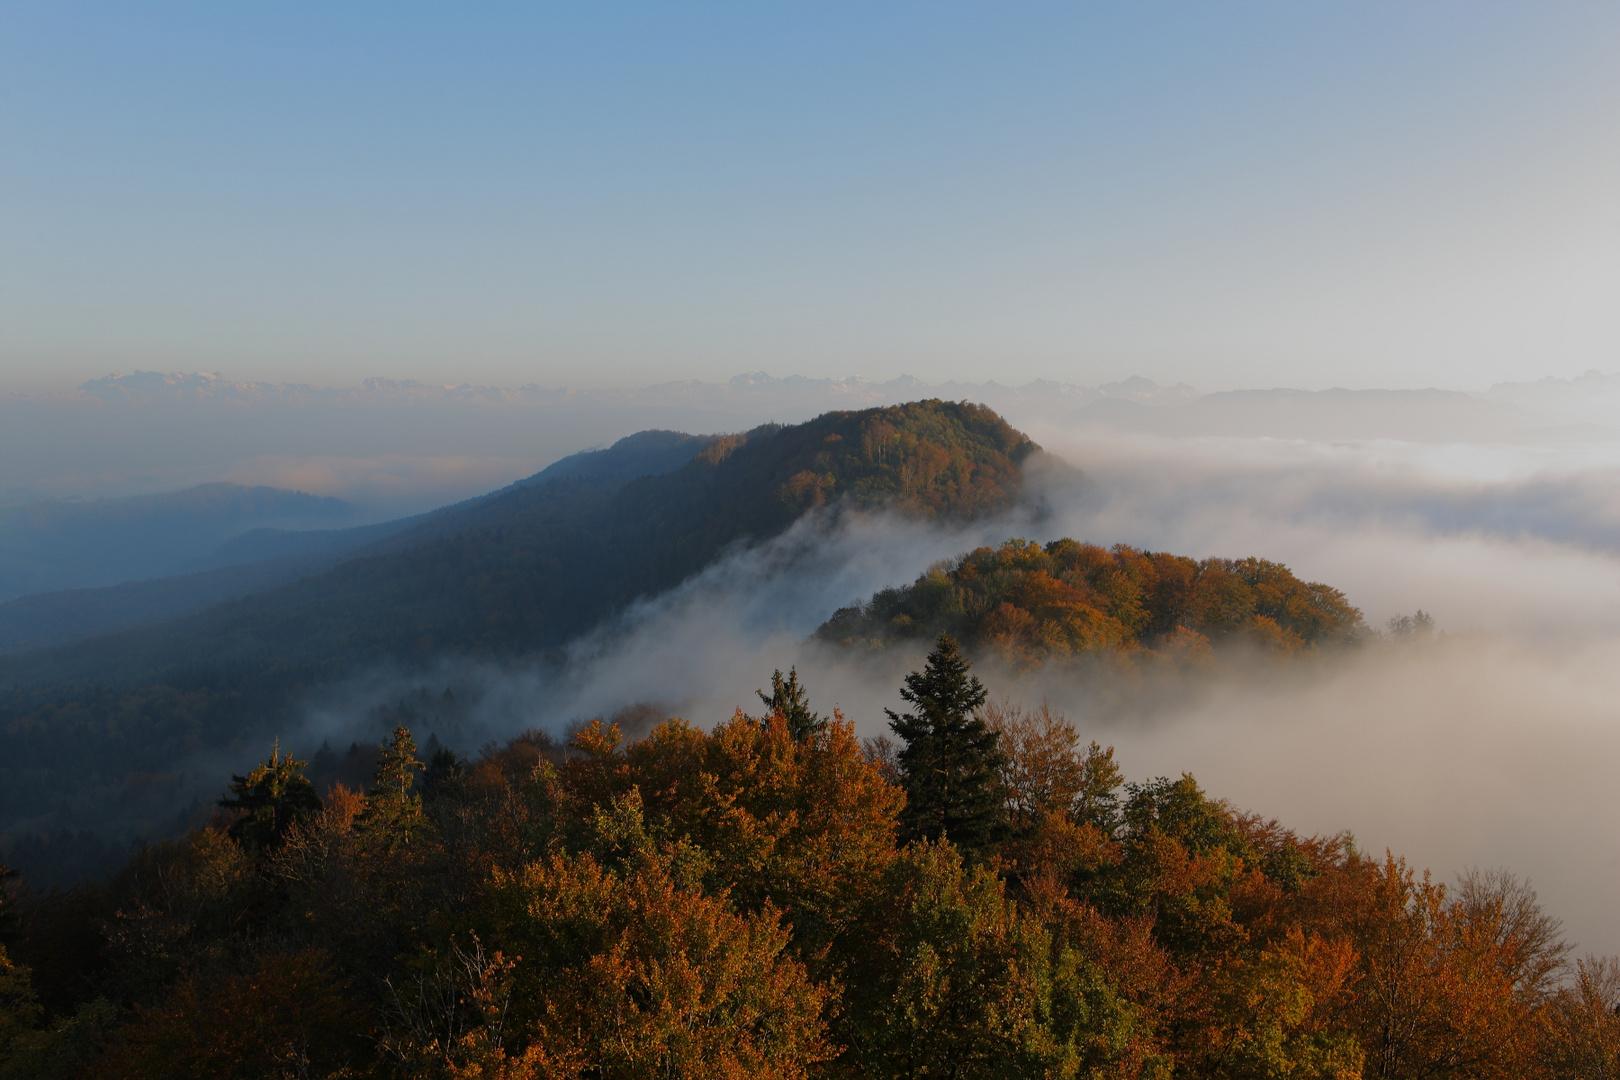 Autumn colours and fog